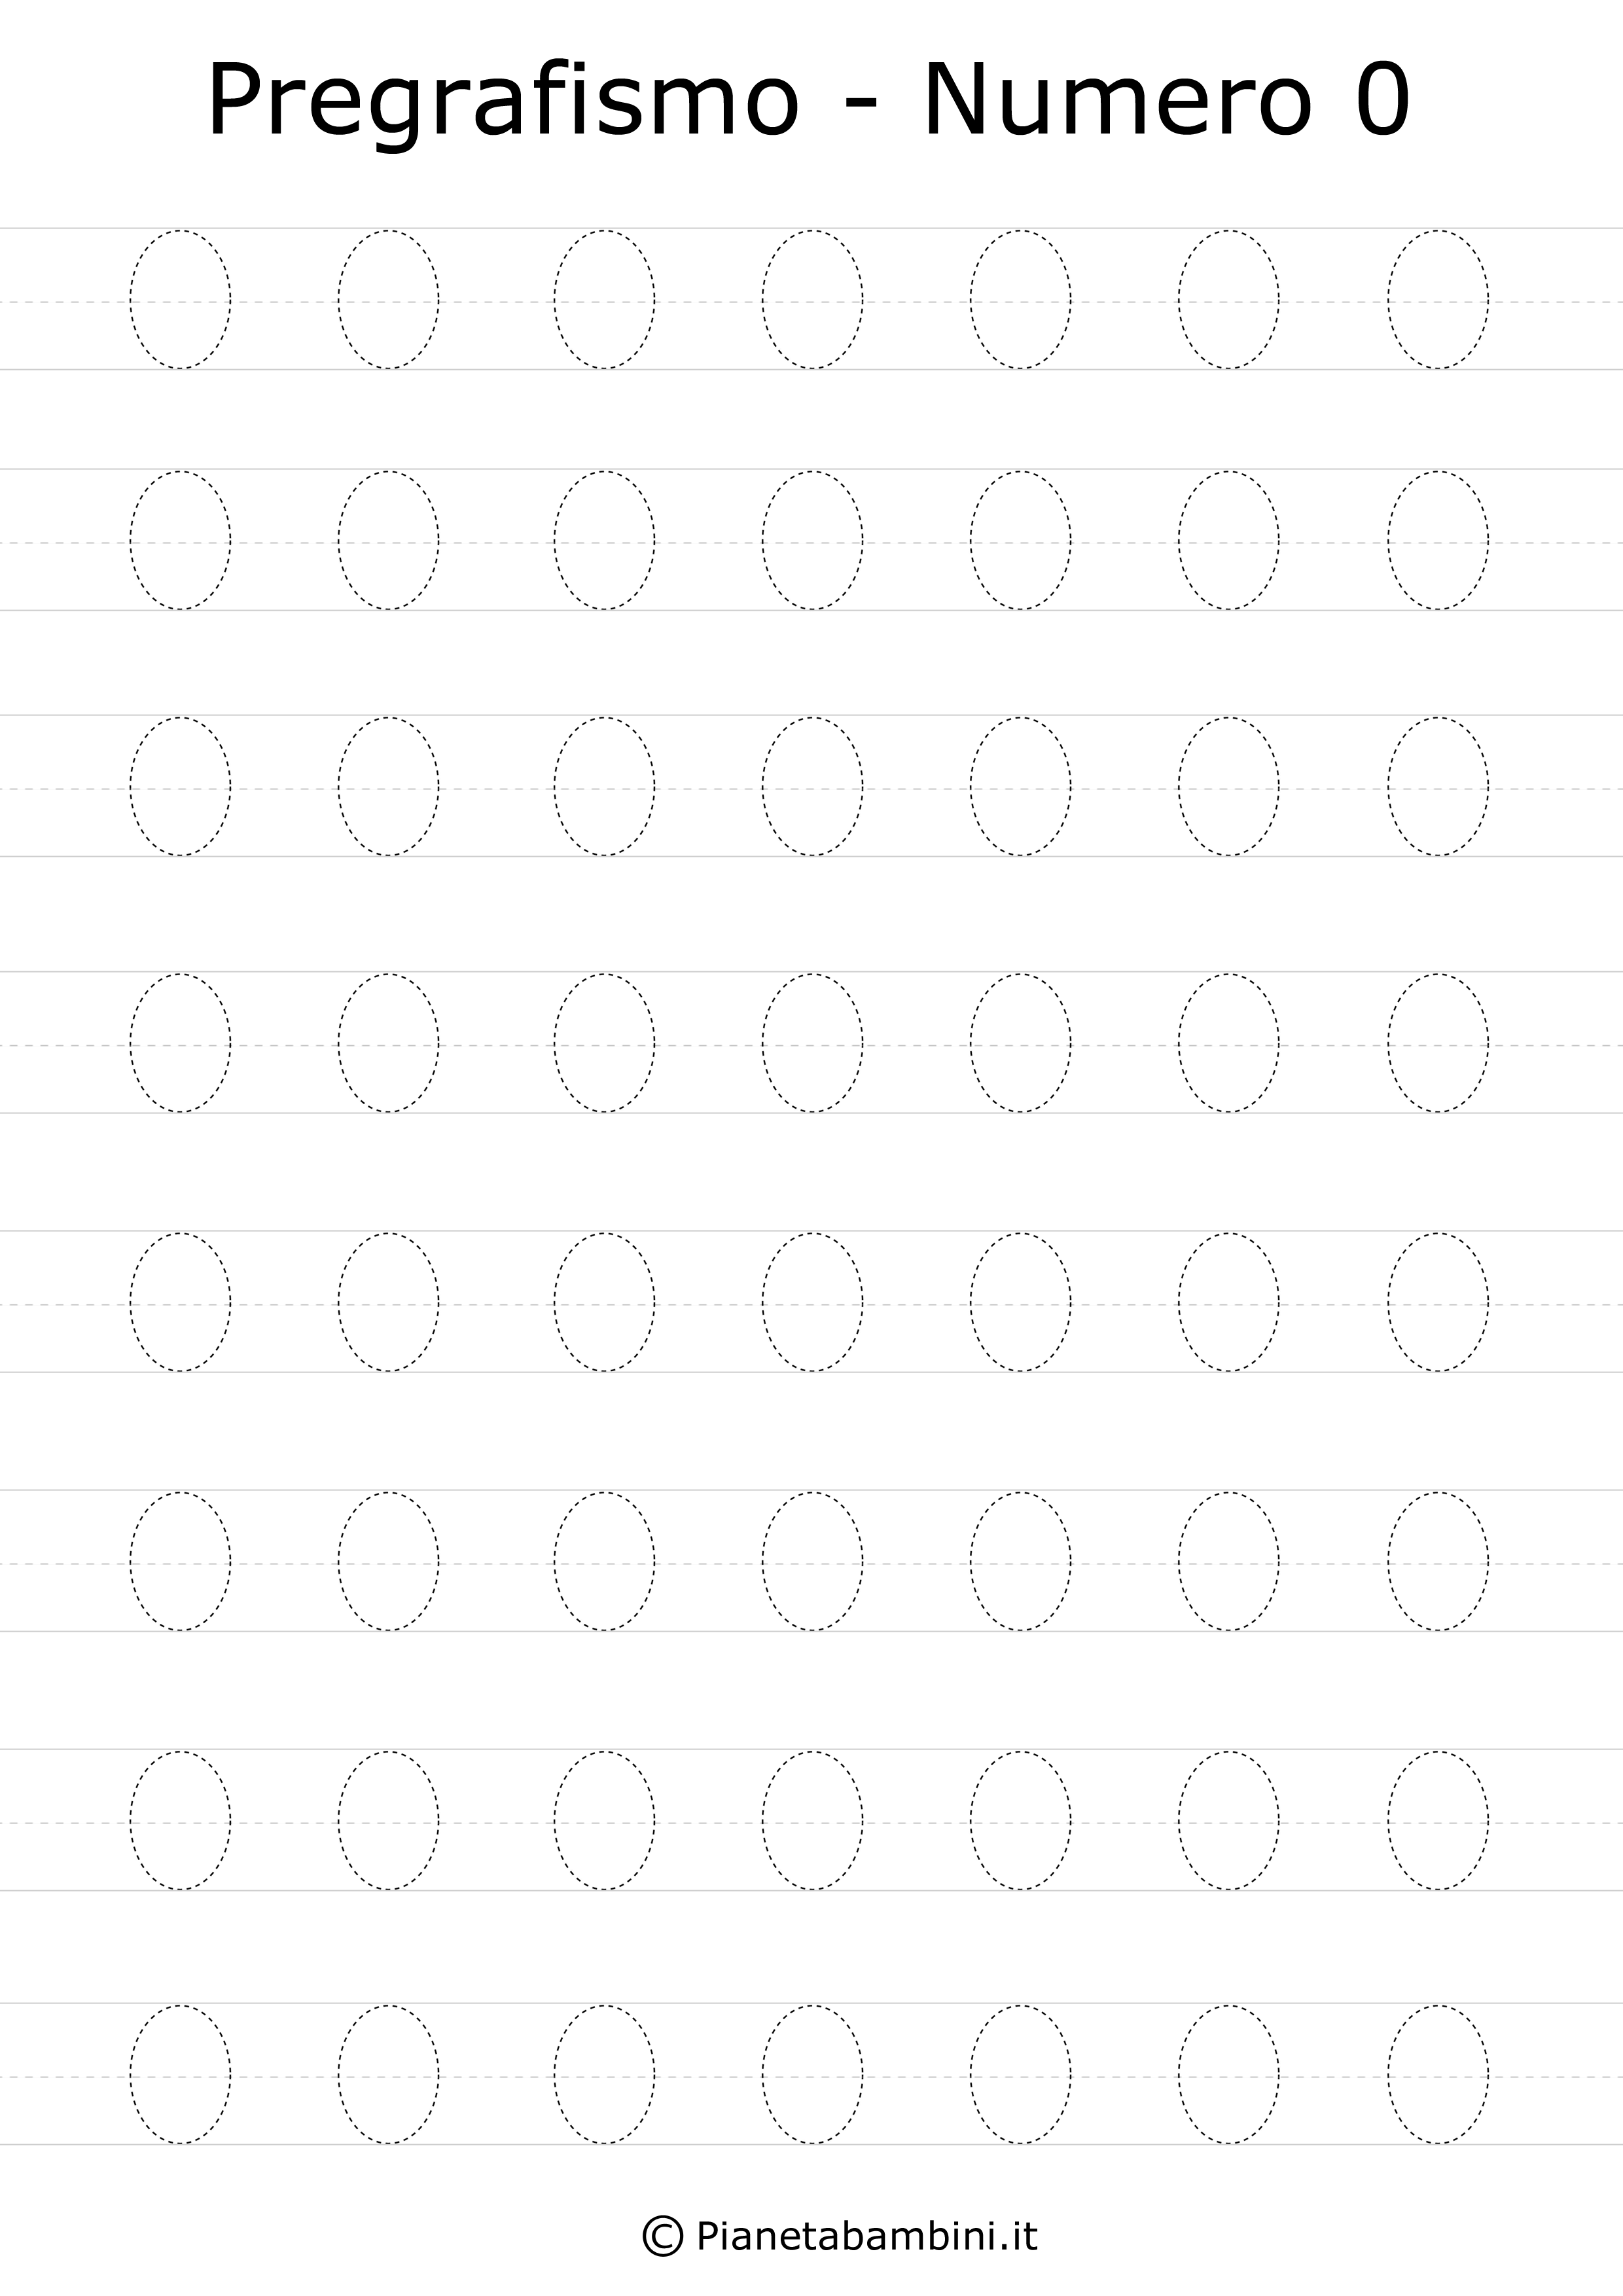 Schede Di Pregrafismo Dei Numeri Da 0 A 9 Da Stampare